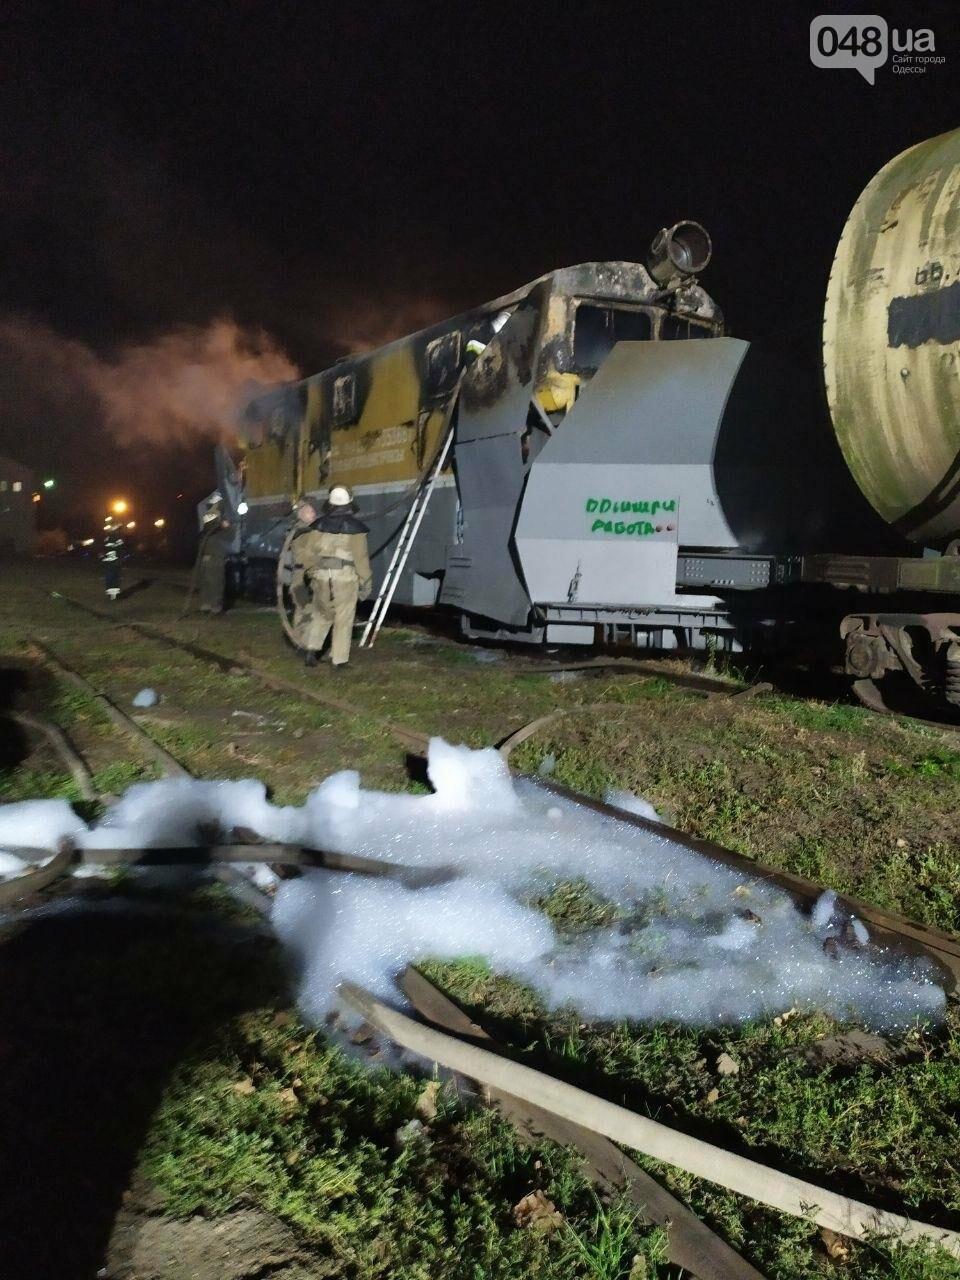 В Одесской области на железной дороге тушили масштабный пожар, - ФОТО2